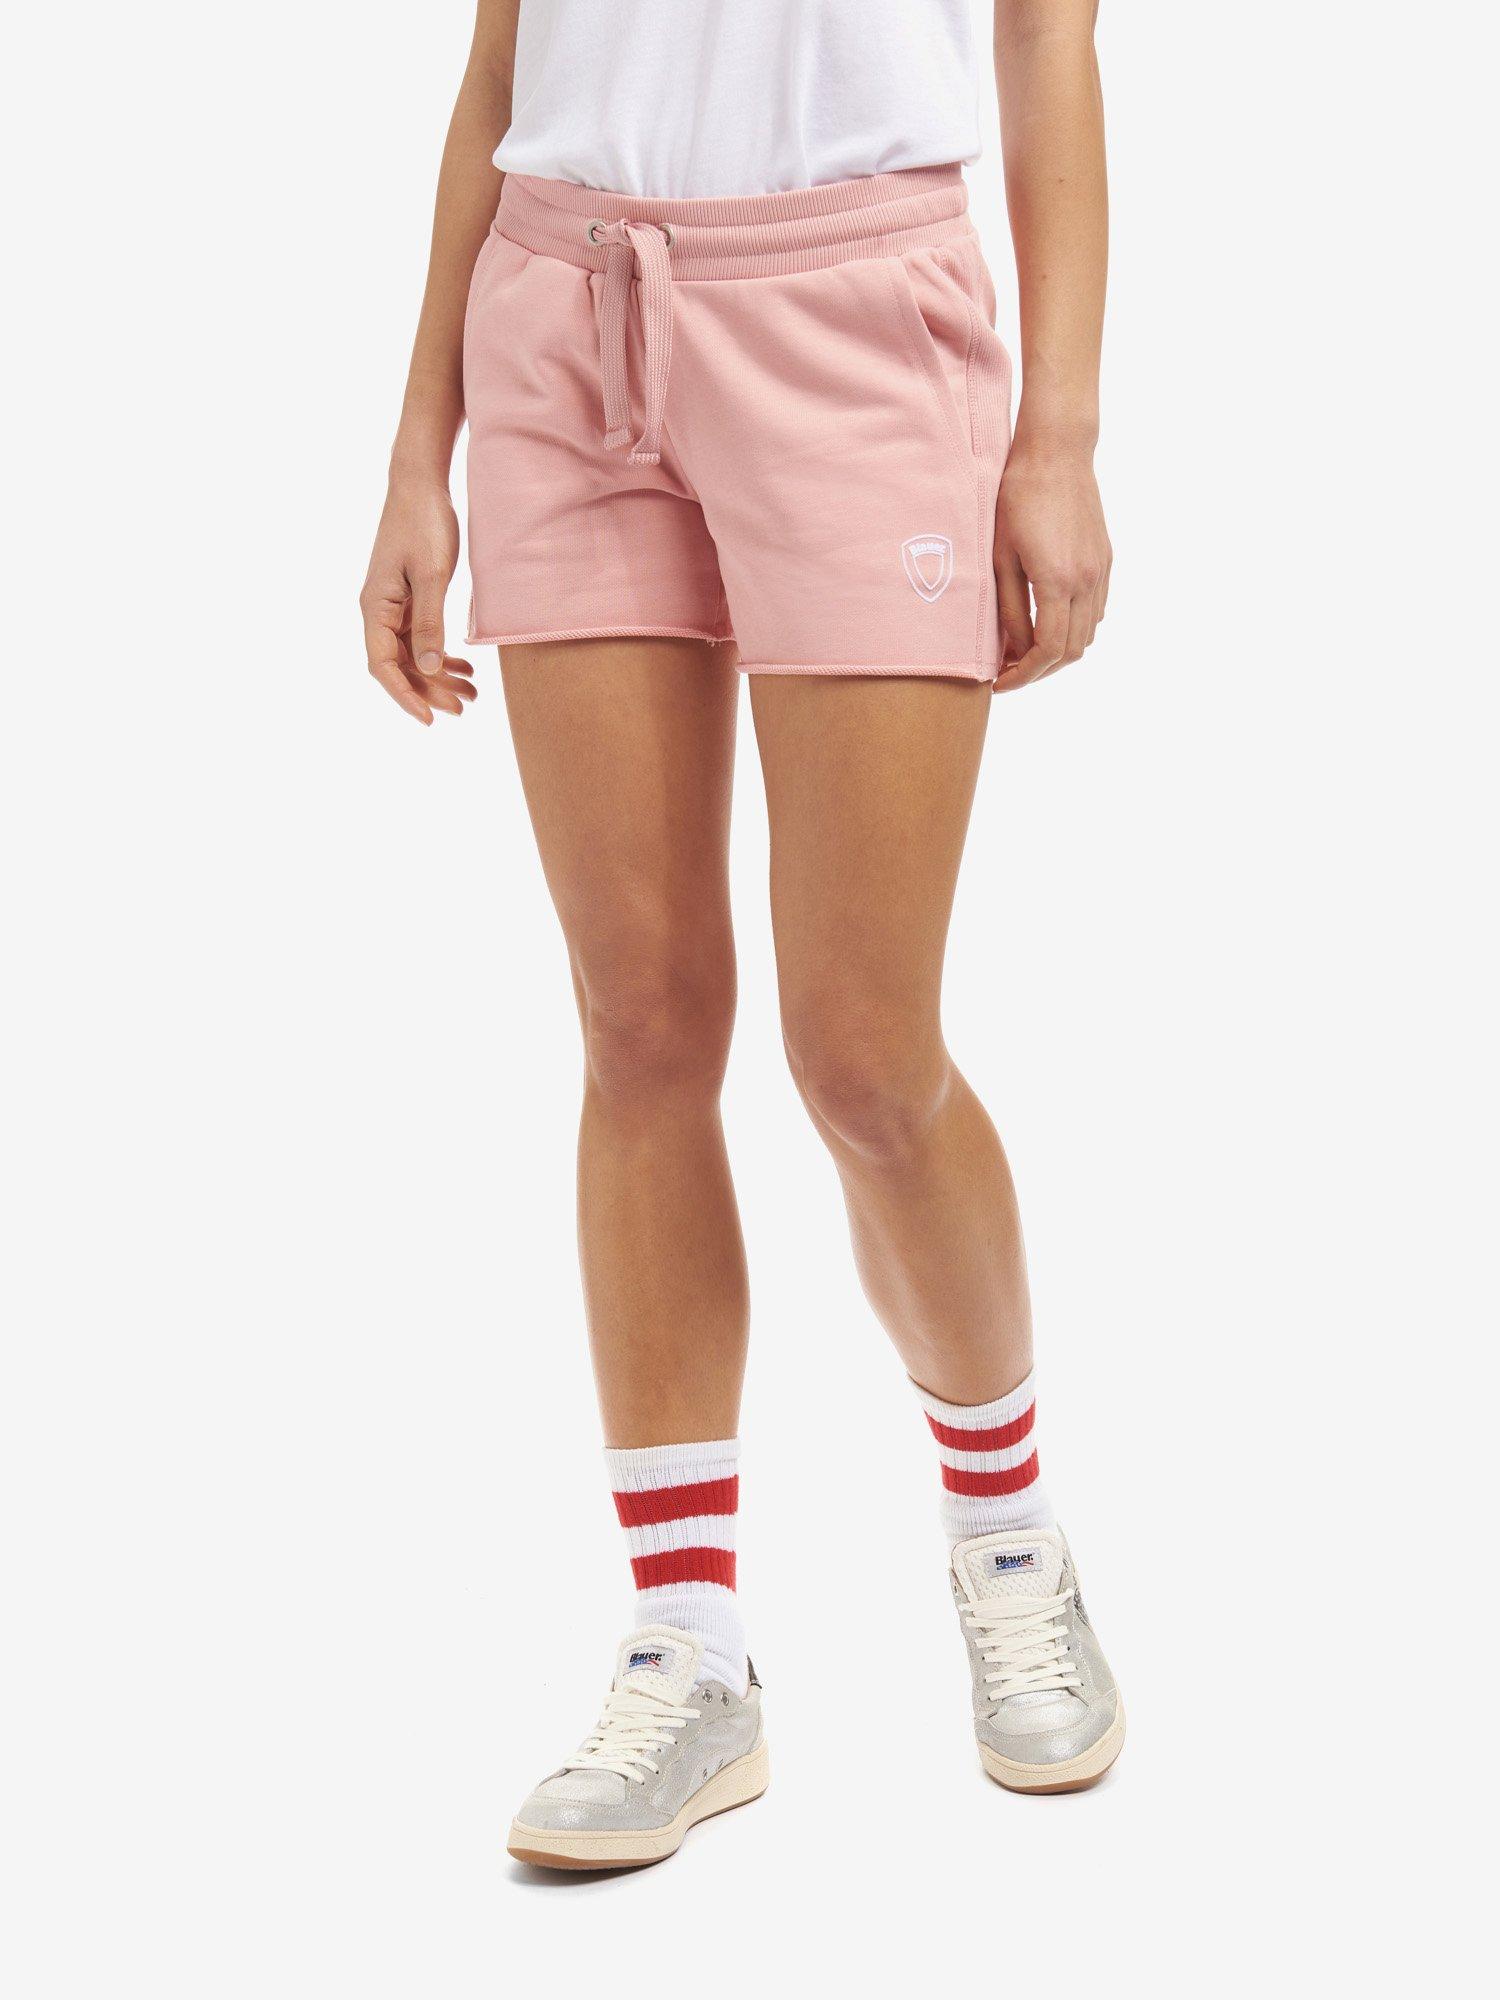 Blauer - SHORT SWEATPANTS - Soft Pink - Blauer